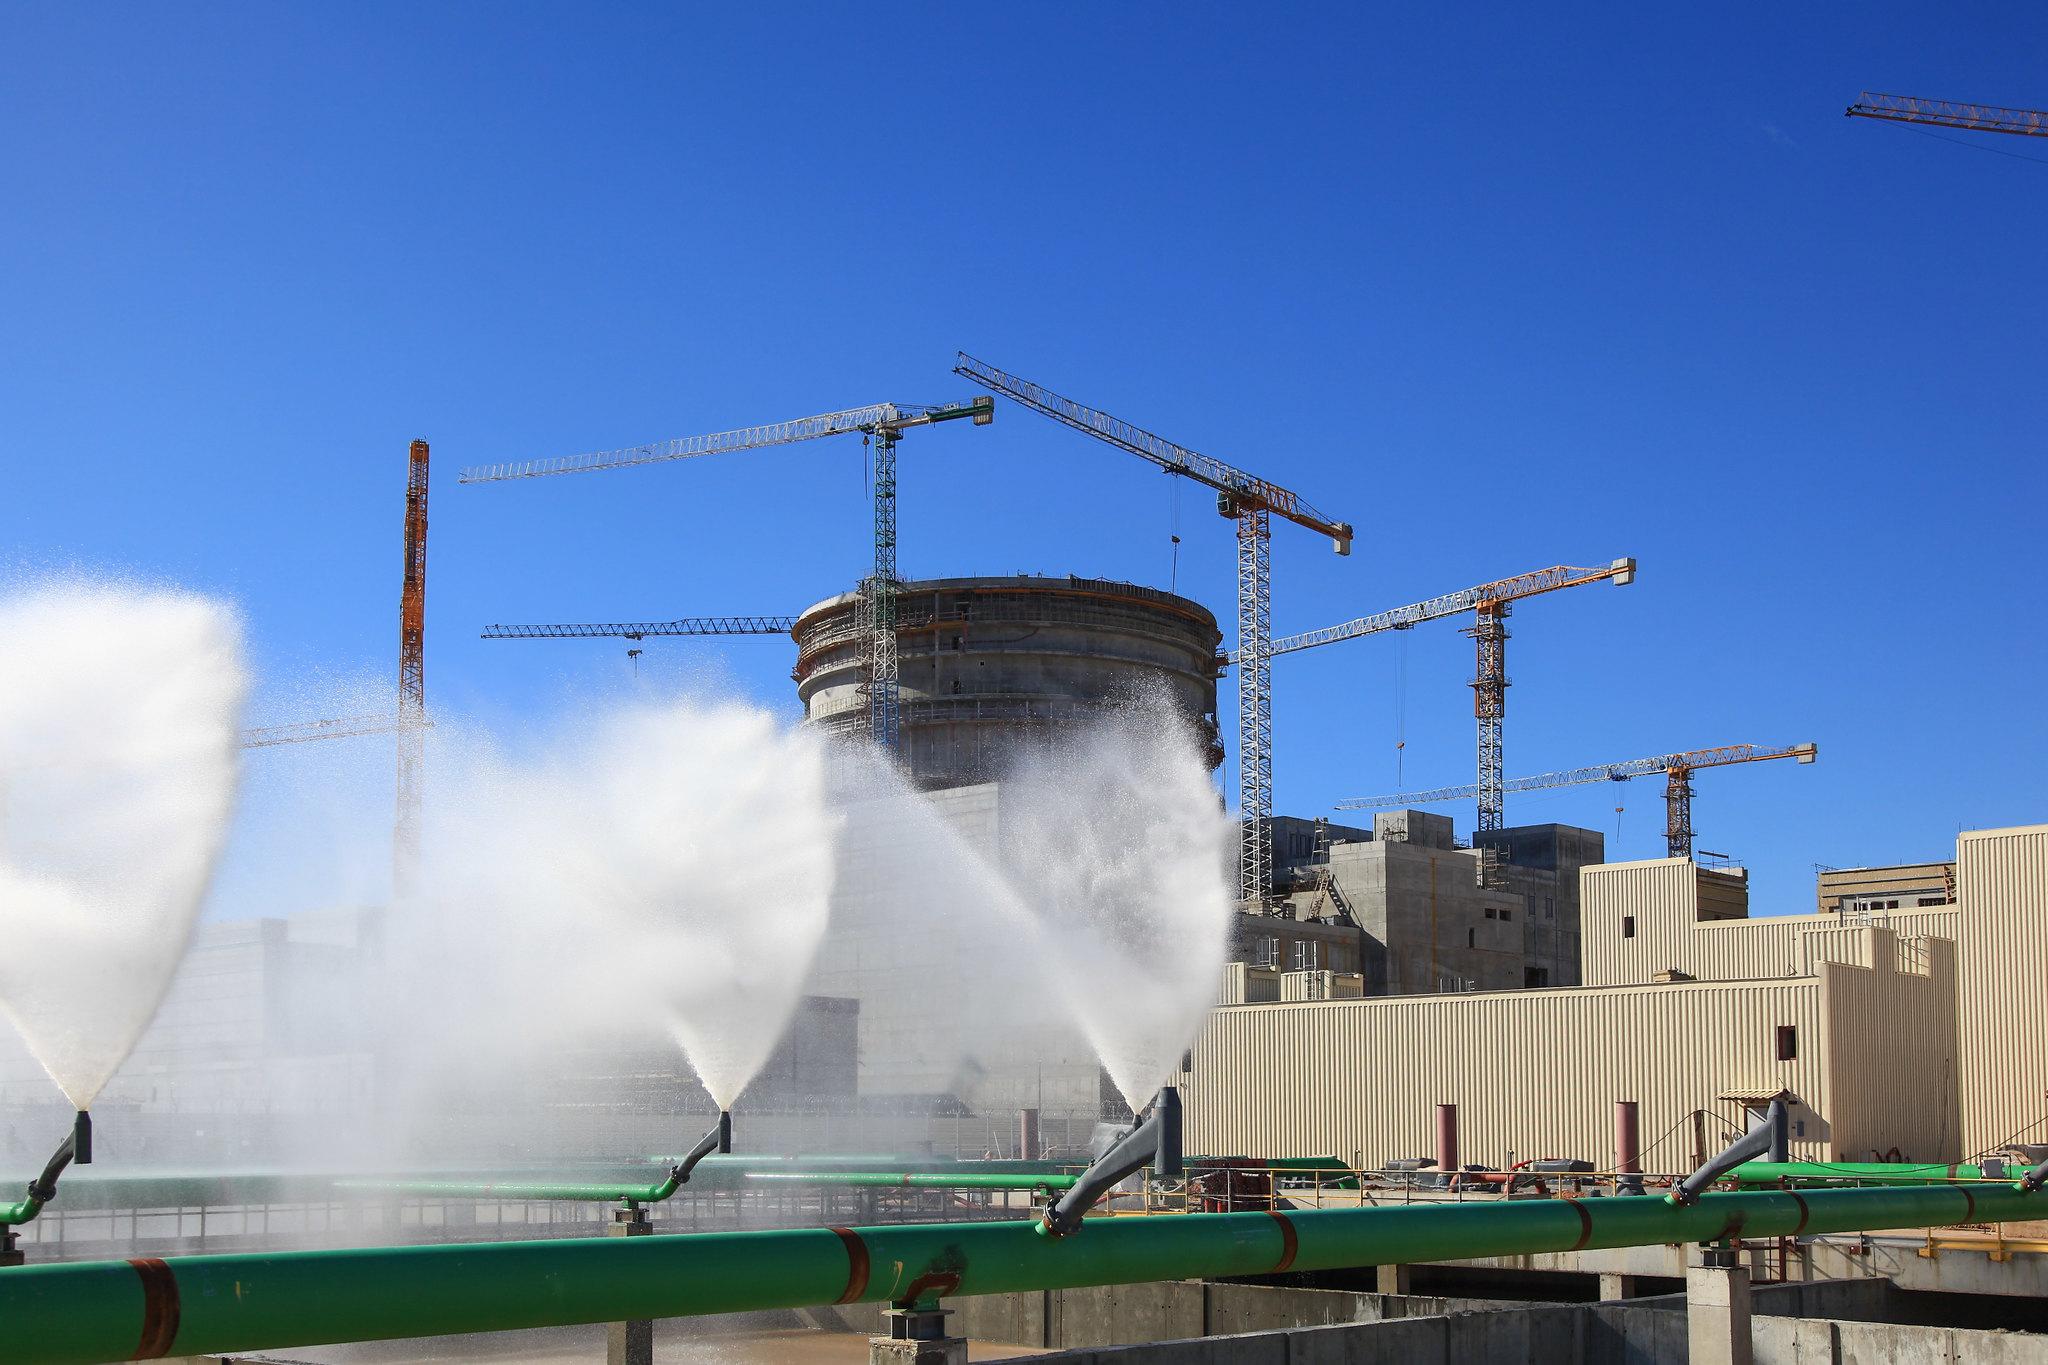 jaderná energie - Ostrověcká JE je připravena na transport jaderného paliva - Zprávy (Ostrověcká jaderná elektárrna v roce 2019) 3